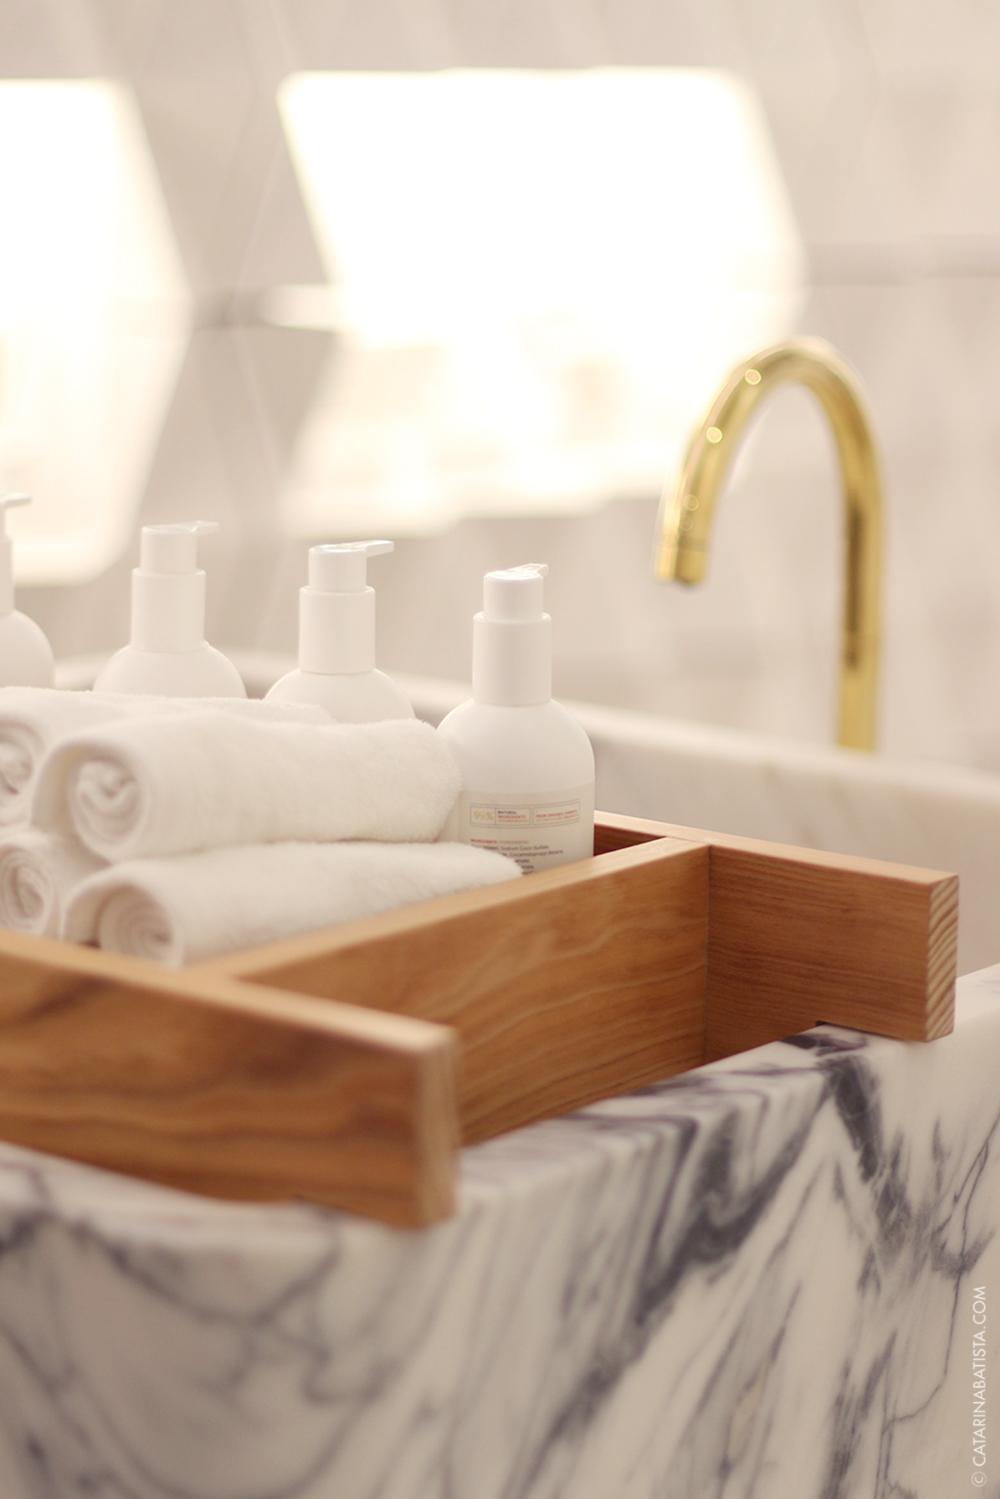 60_Catarina_Batista_nyc_arquitectura_decoracao_designdeinteriores_interiordesign_make_it_beautiful.jpg